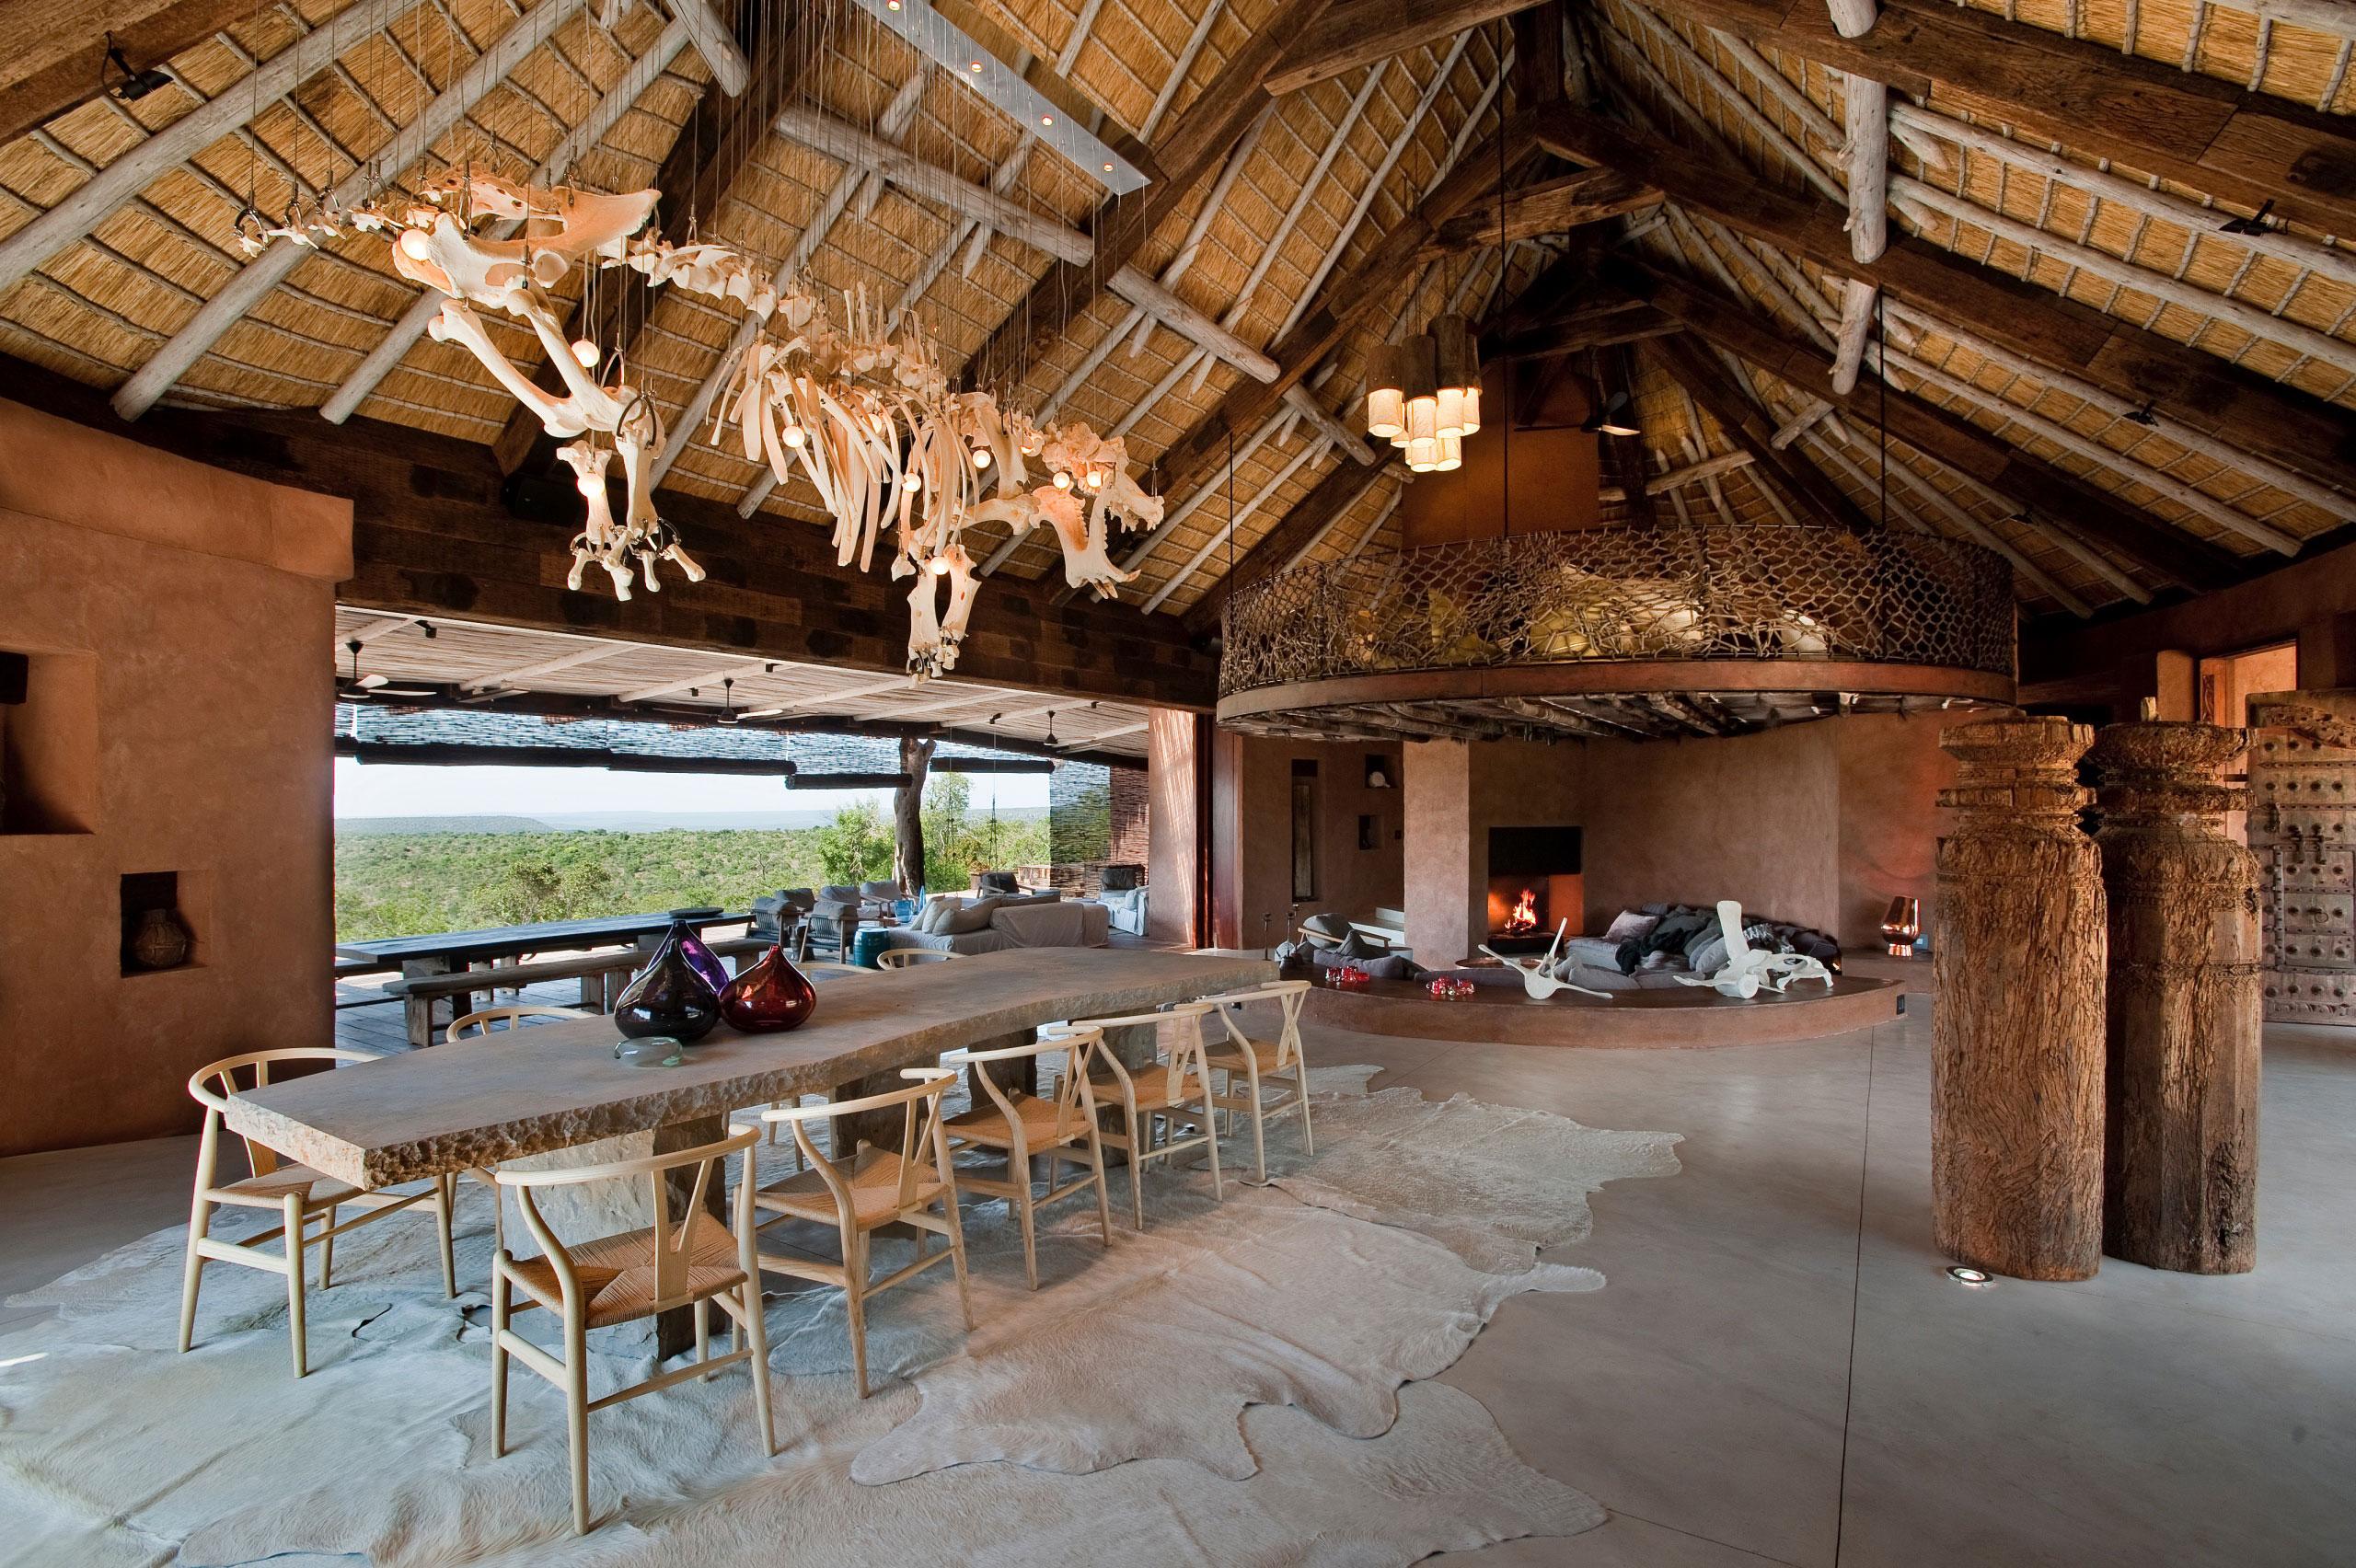 leobo observatory waterberg Alojamientos en Sudáfrica para grupos y familias enkosi africa